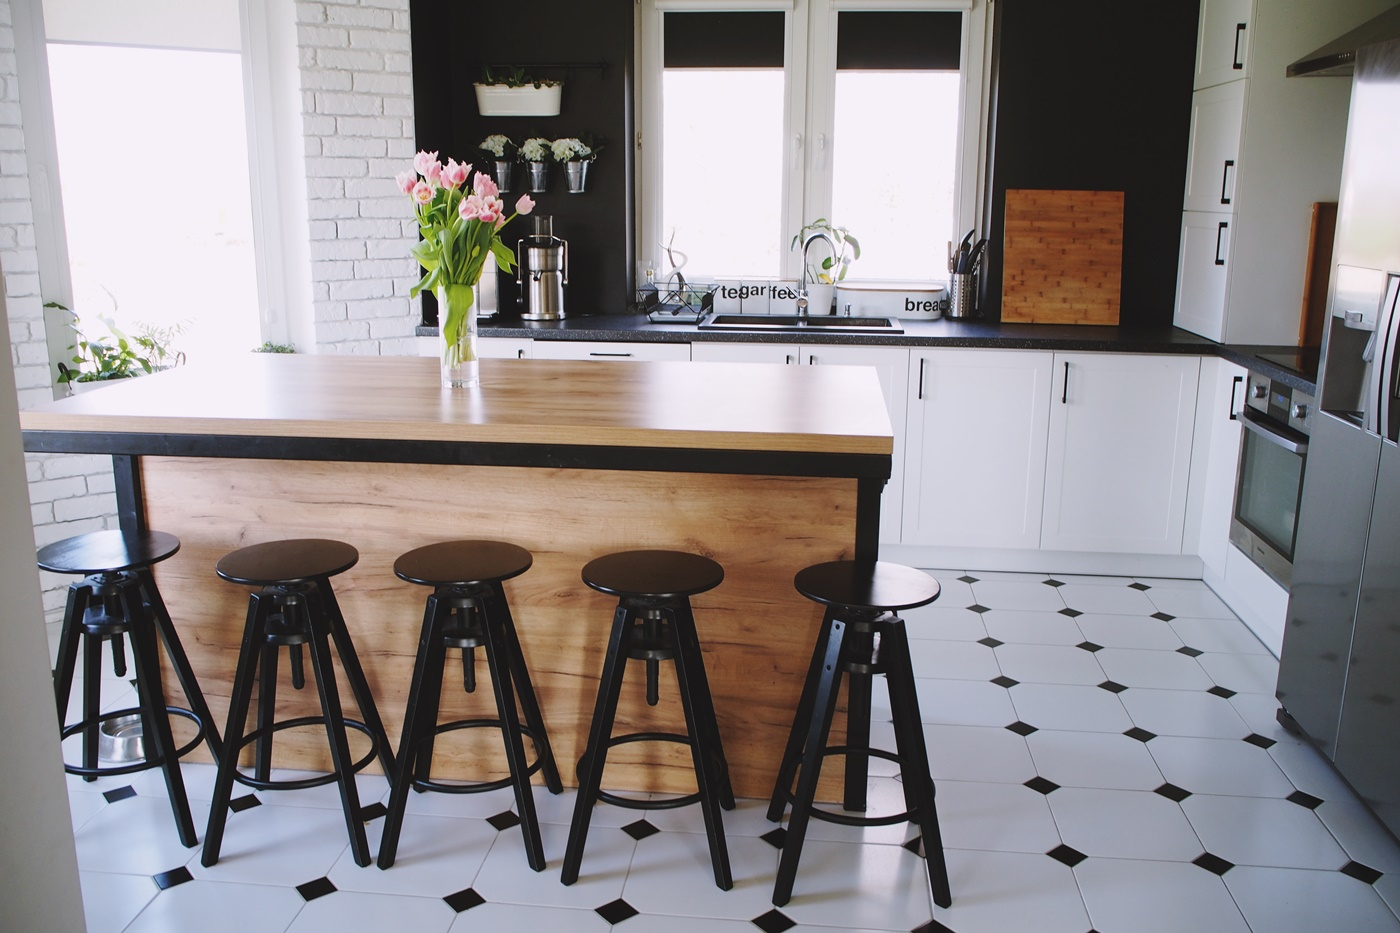 Podłoga w kuchni jakie płytki ceramiczne wybrać do kuchni